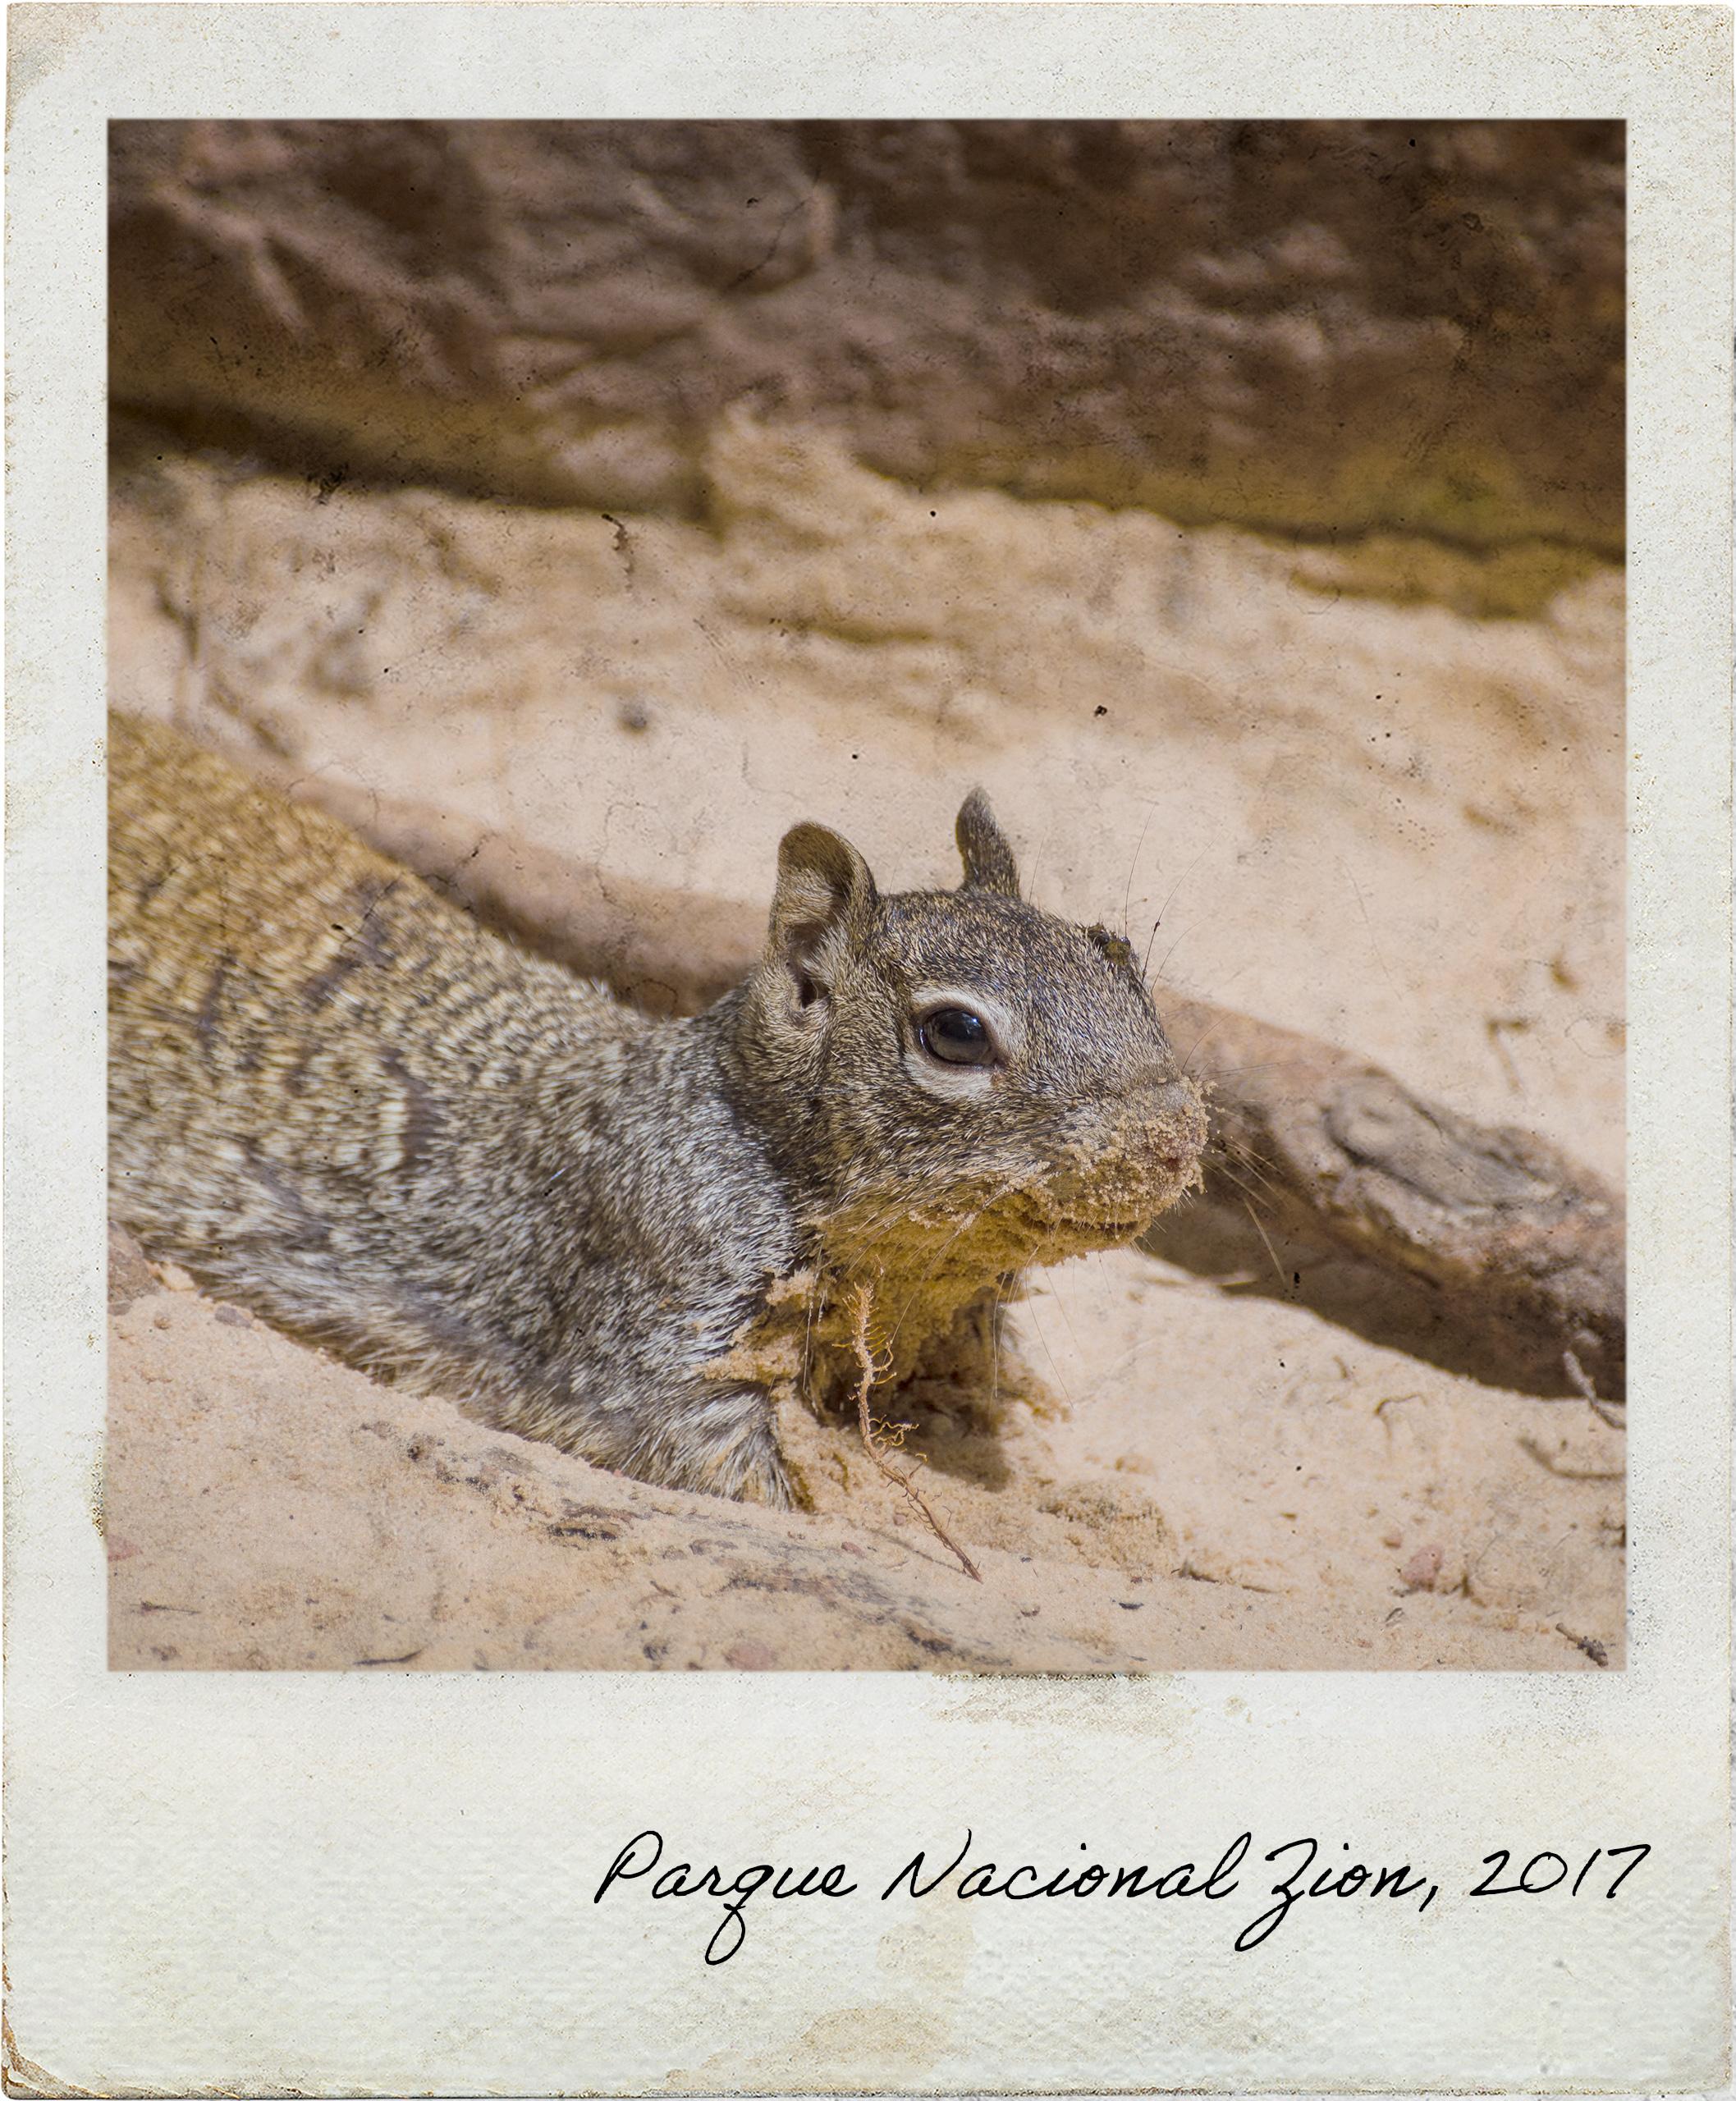 Esquilo que encontrei na Piscina Intermédia